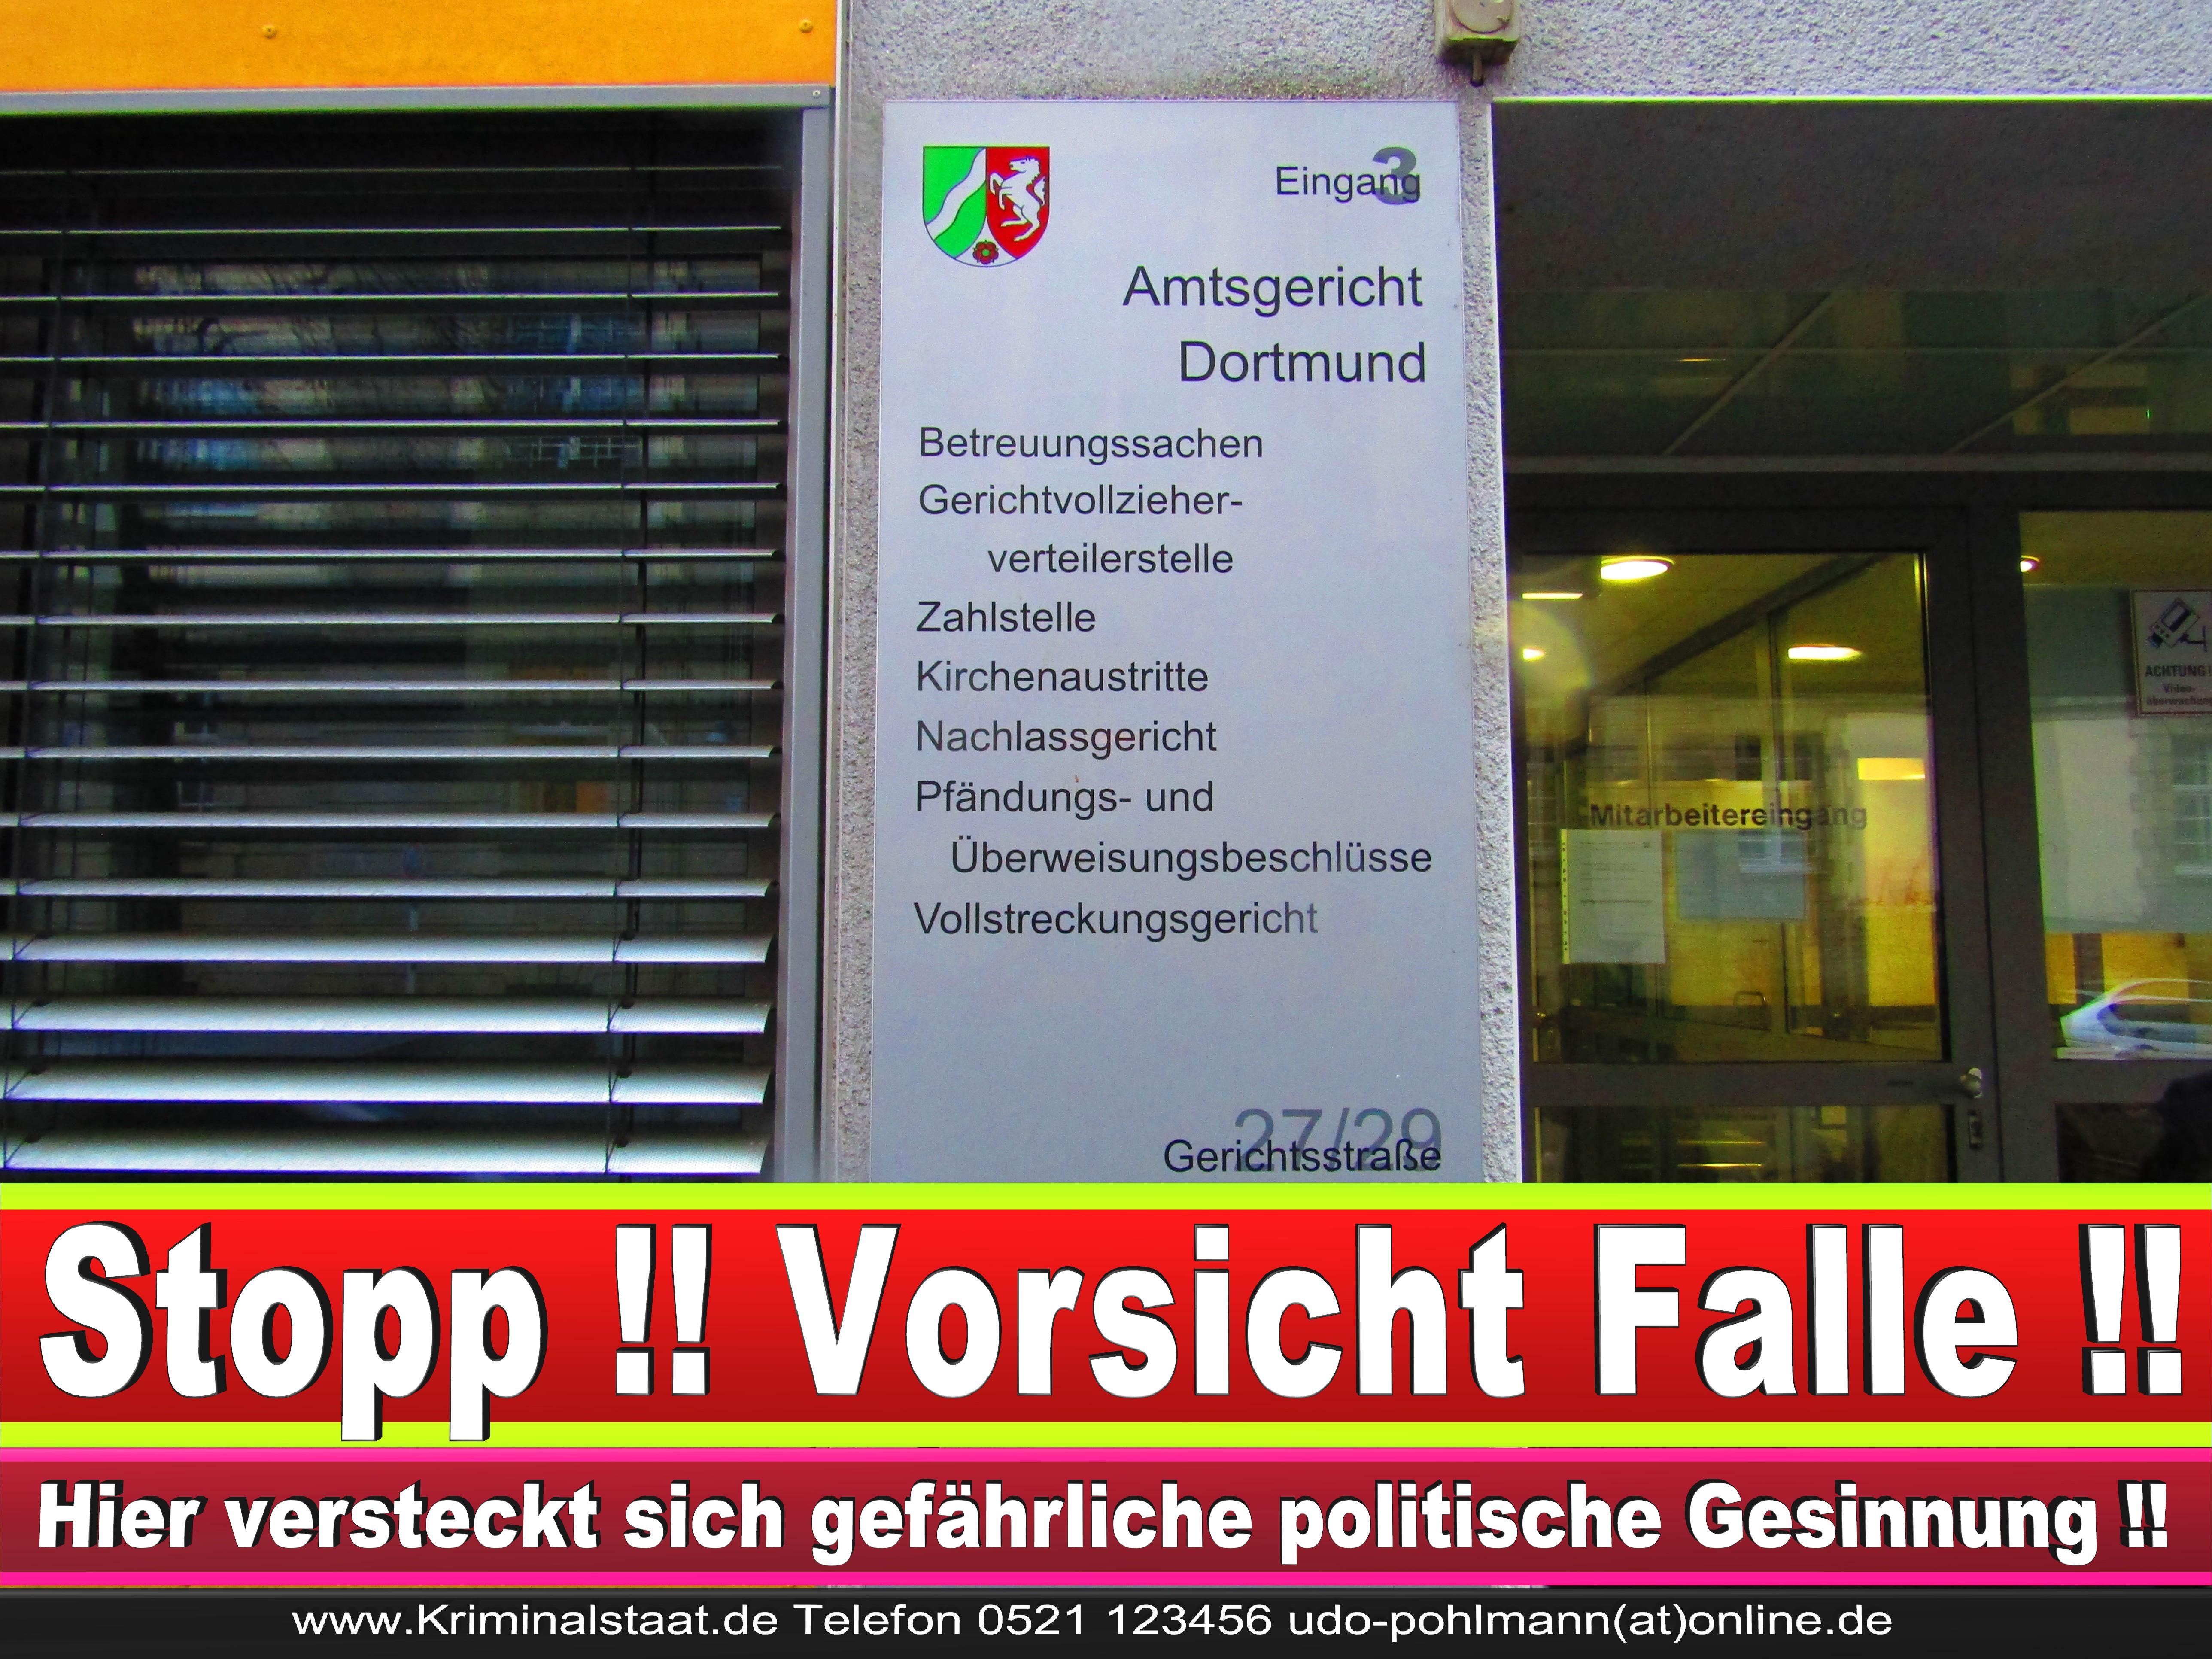 AMTSGERICHT DORTMUND RICHTER AUSBILDUNG PRAKTIKUM ANFAHRT URTEILE KORRUPTION POLIZEI ADRESSE DIREKTOR (9) 1 1